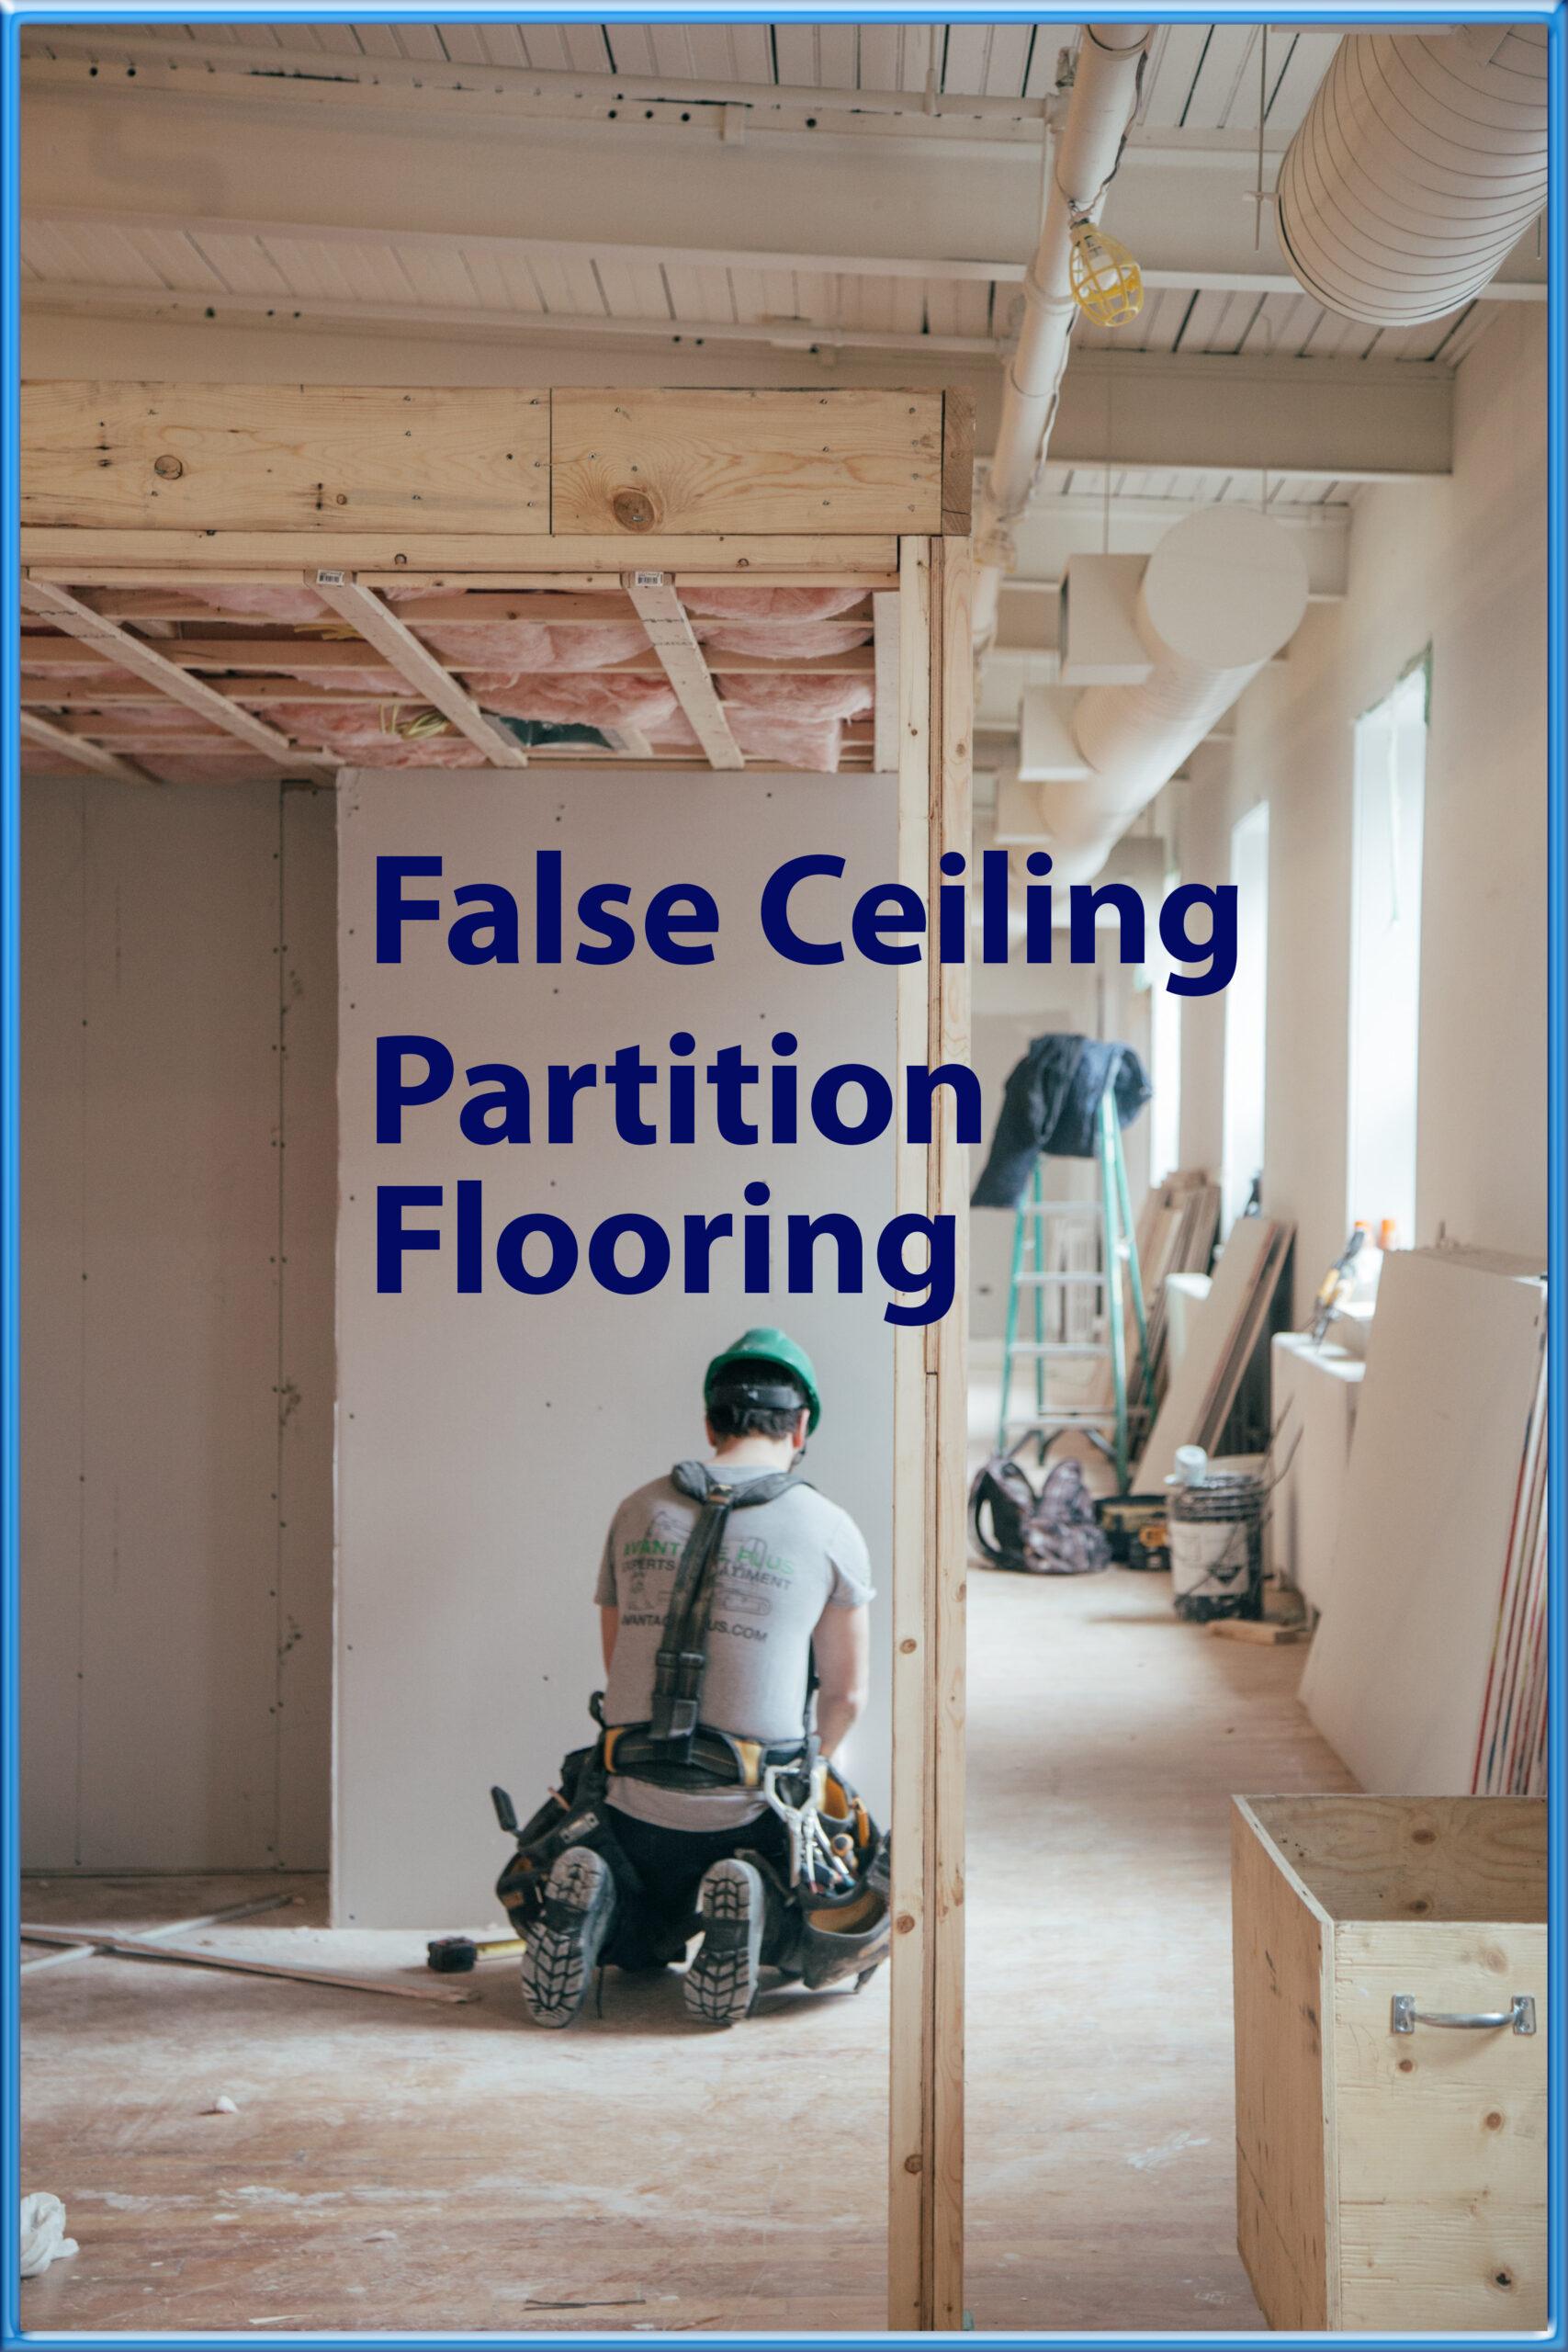 False Ceiling, Partition, Flooring